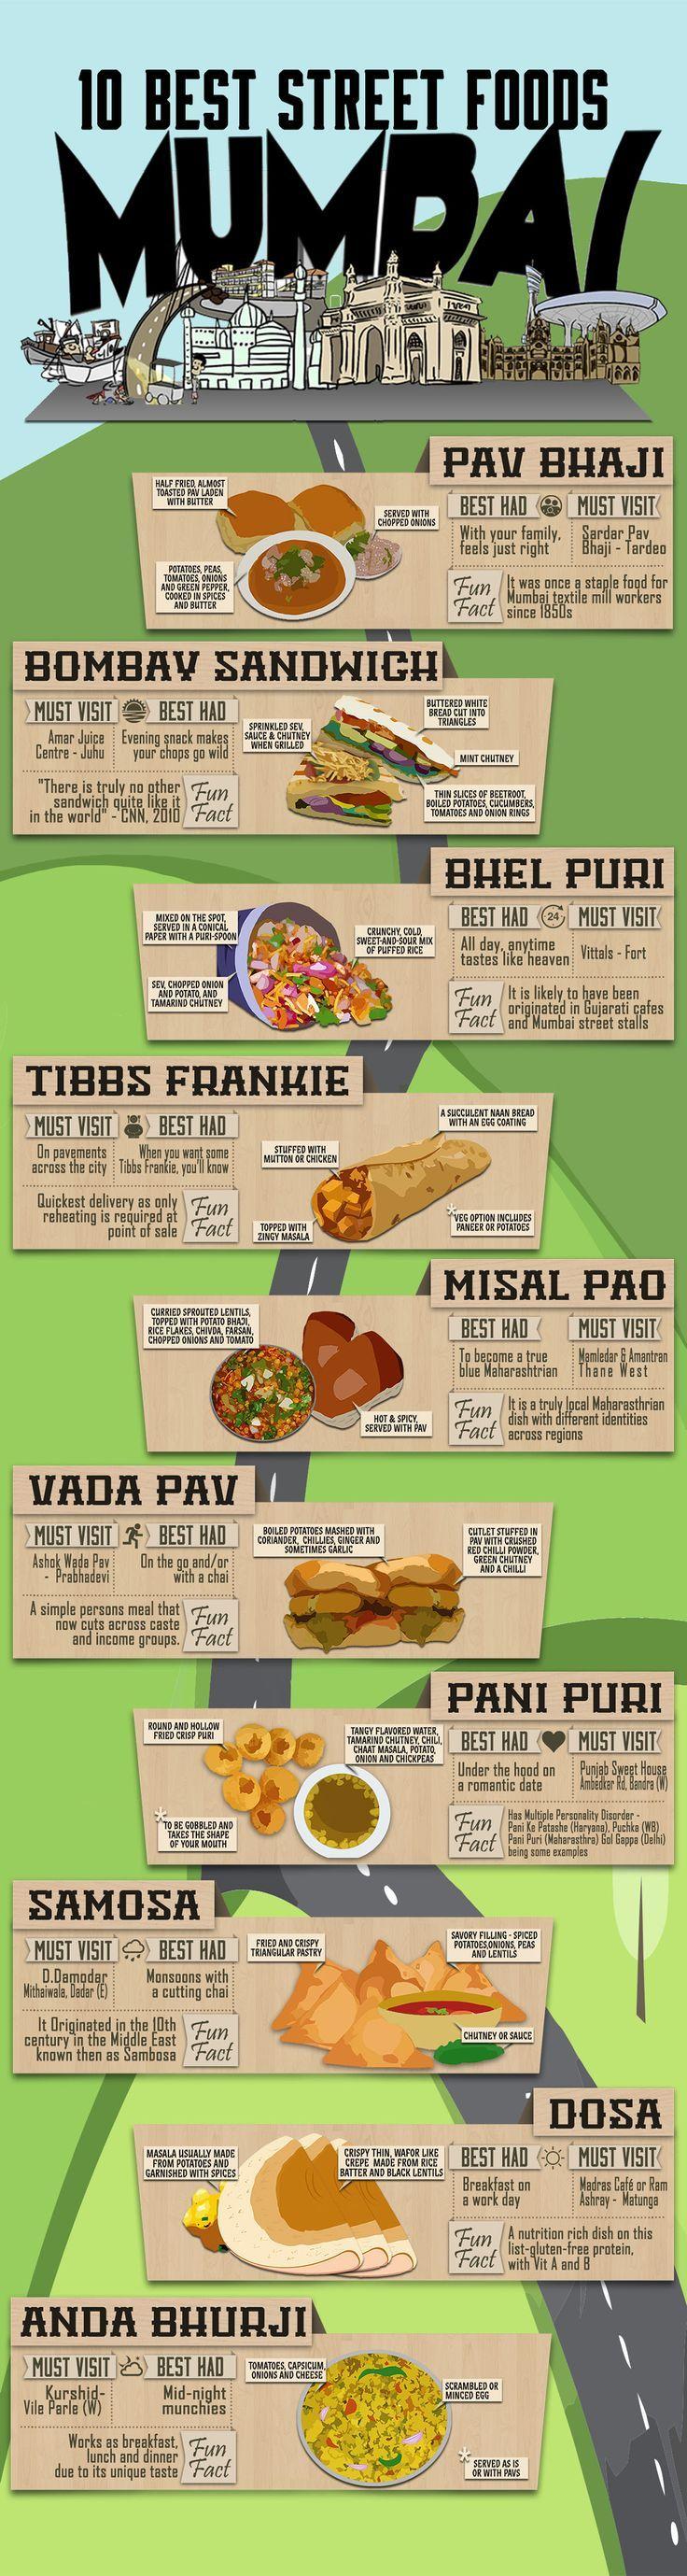 Mumbai Street Foods Mumbai Street Food Tour From Viator Food